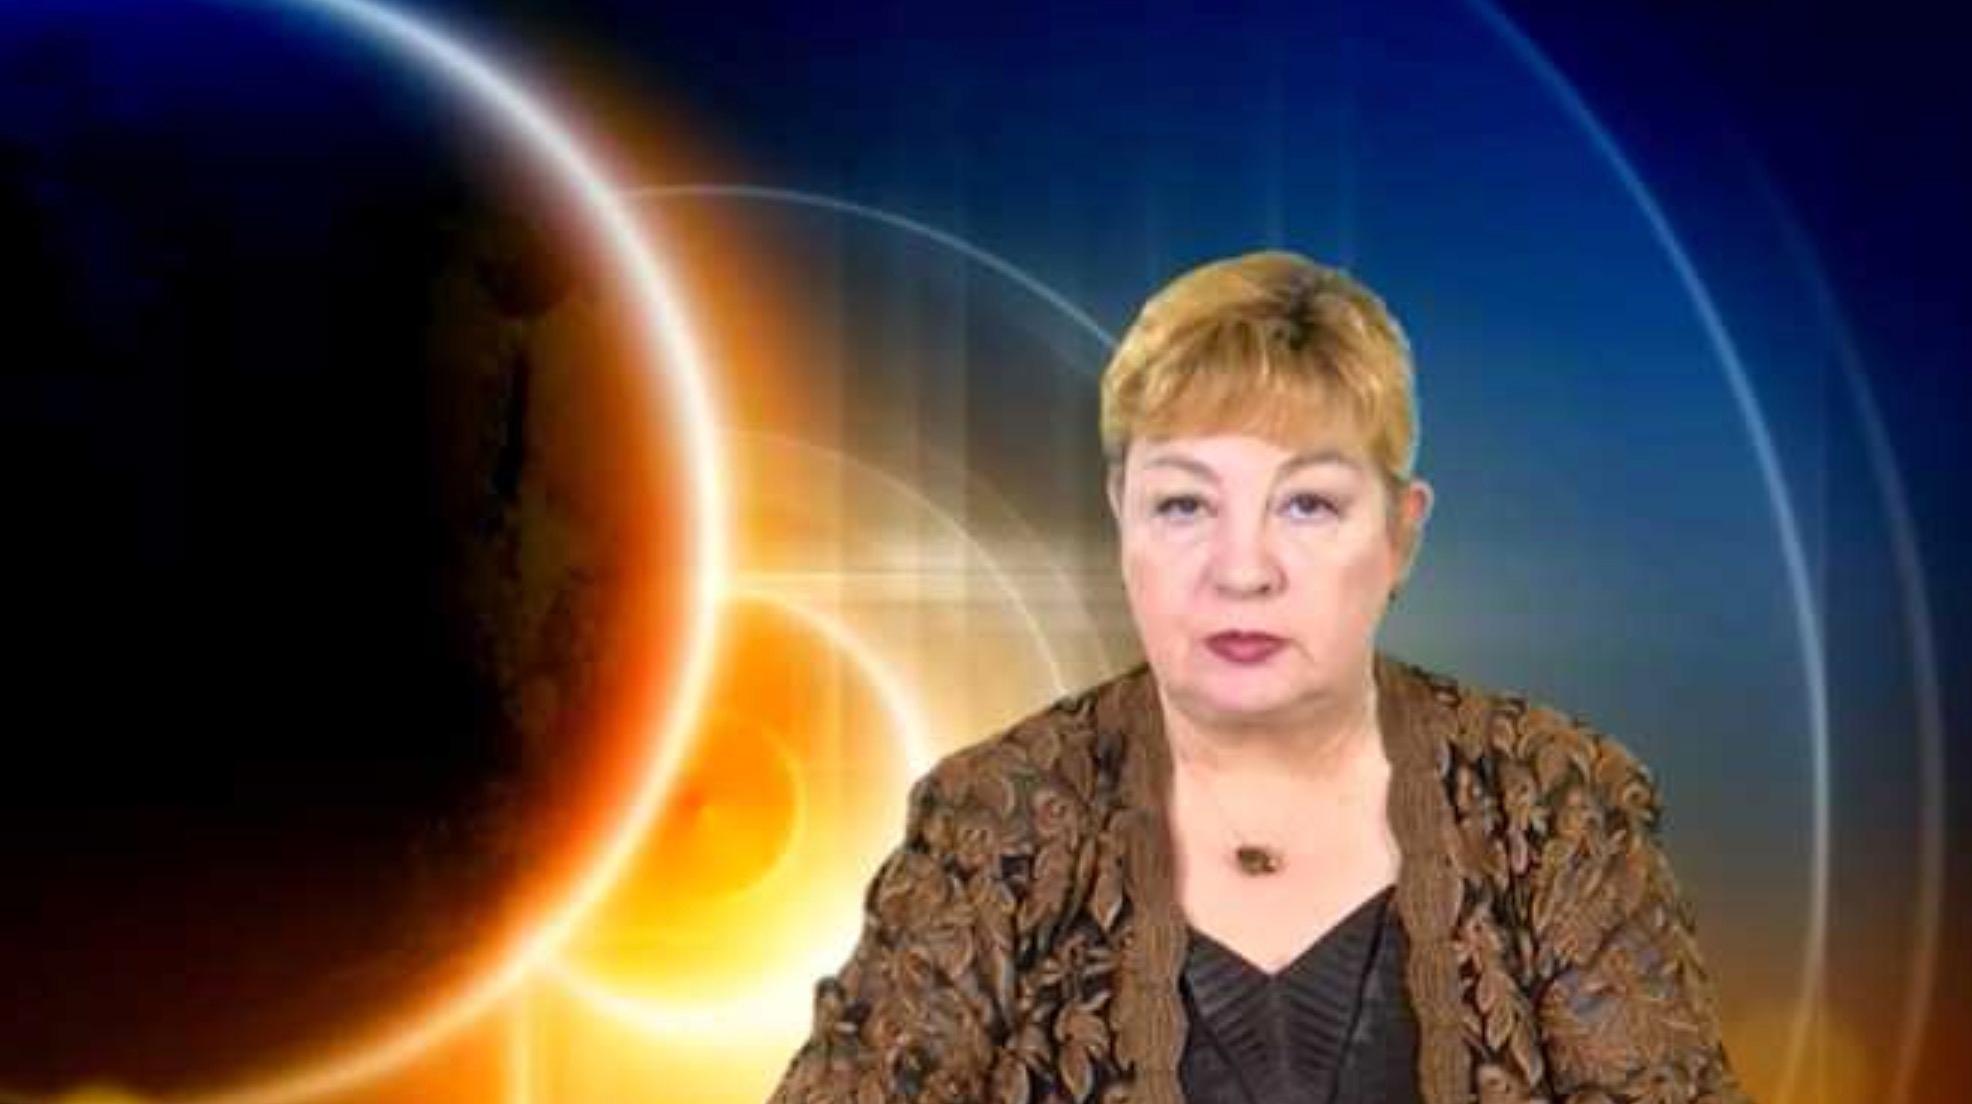 Horoscop Nicoleta Svarlefus iulie 2019 GEMENI. Rezolvi ...  |Horoscop 31 Iulie 2020